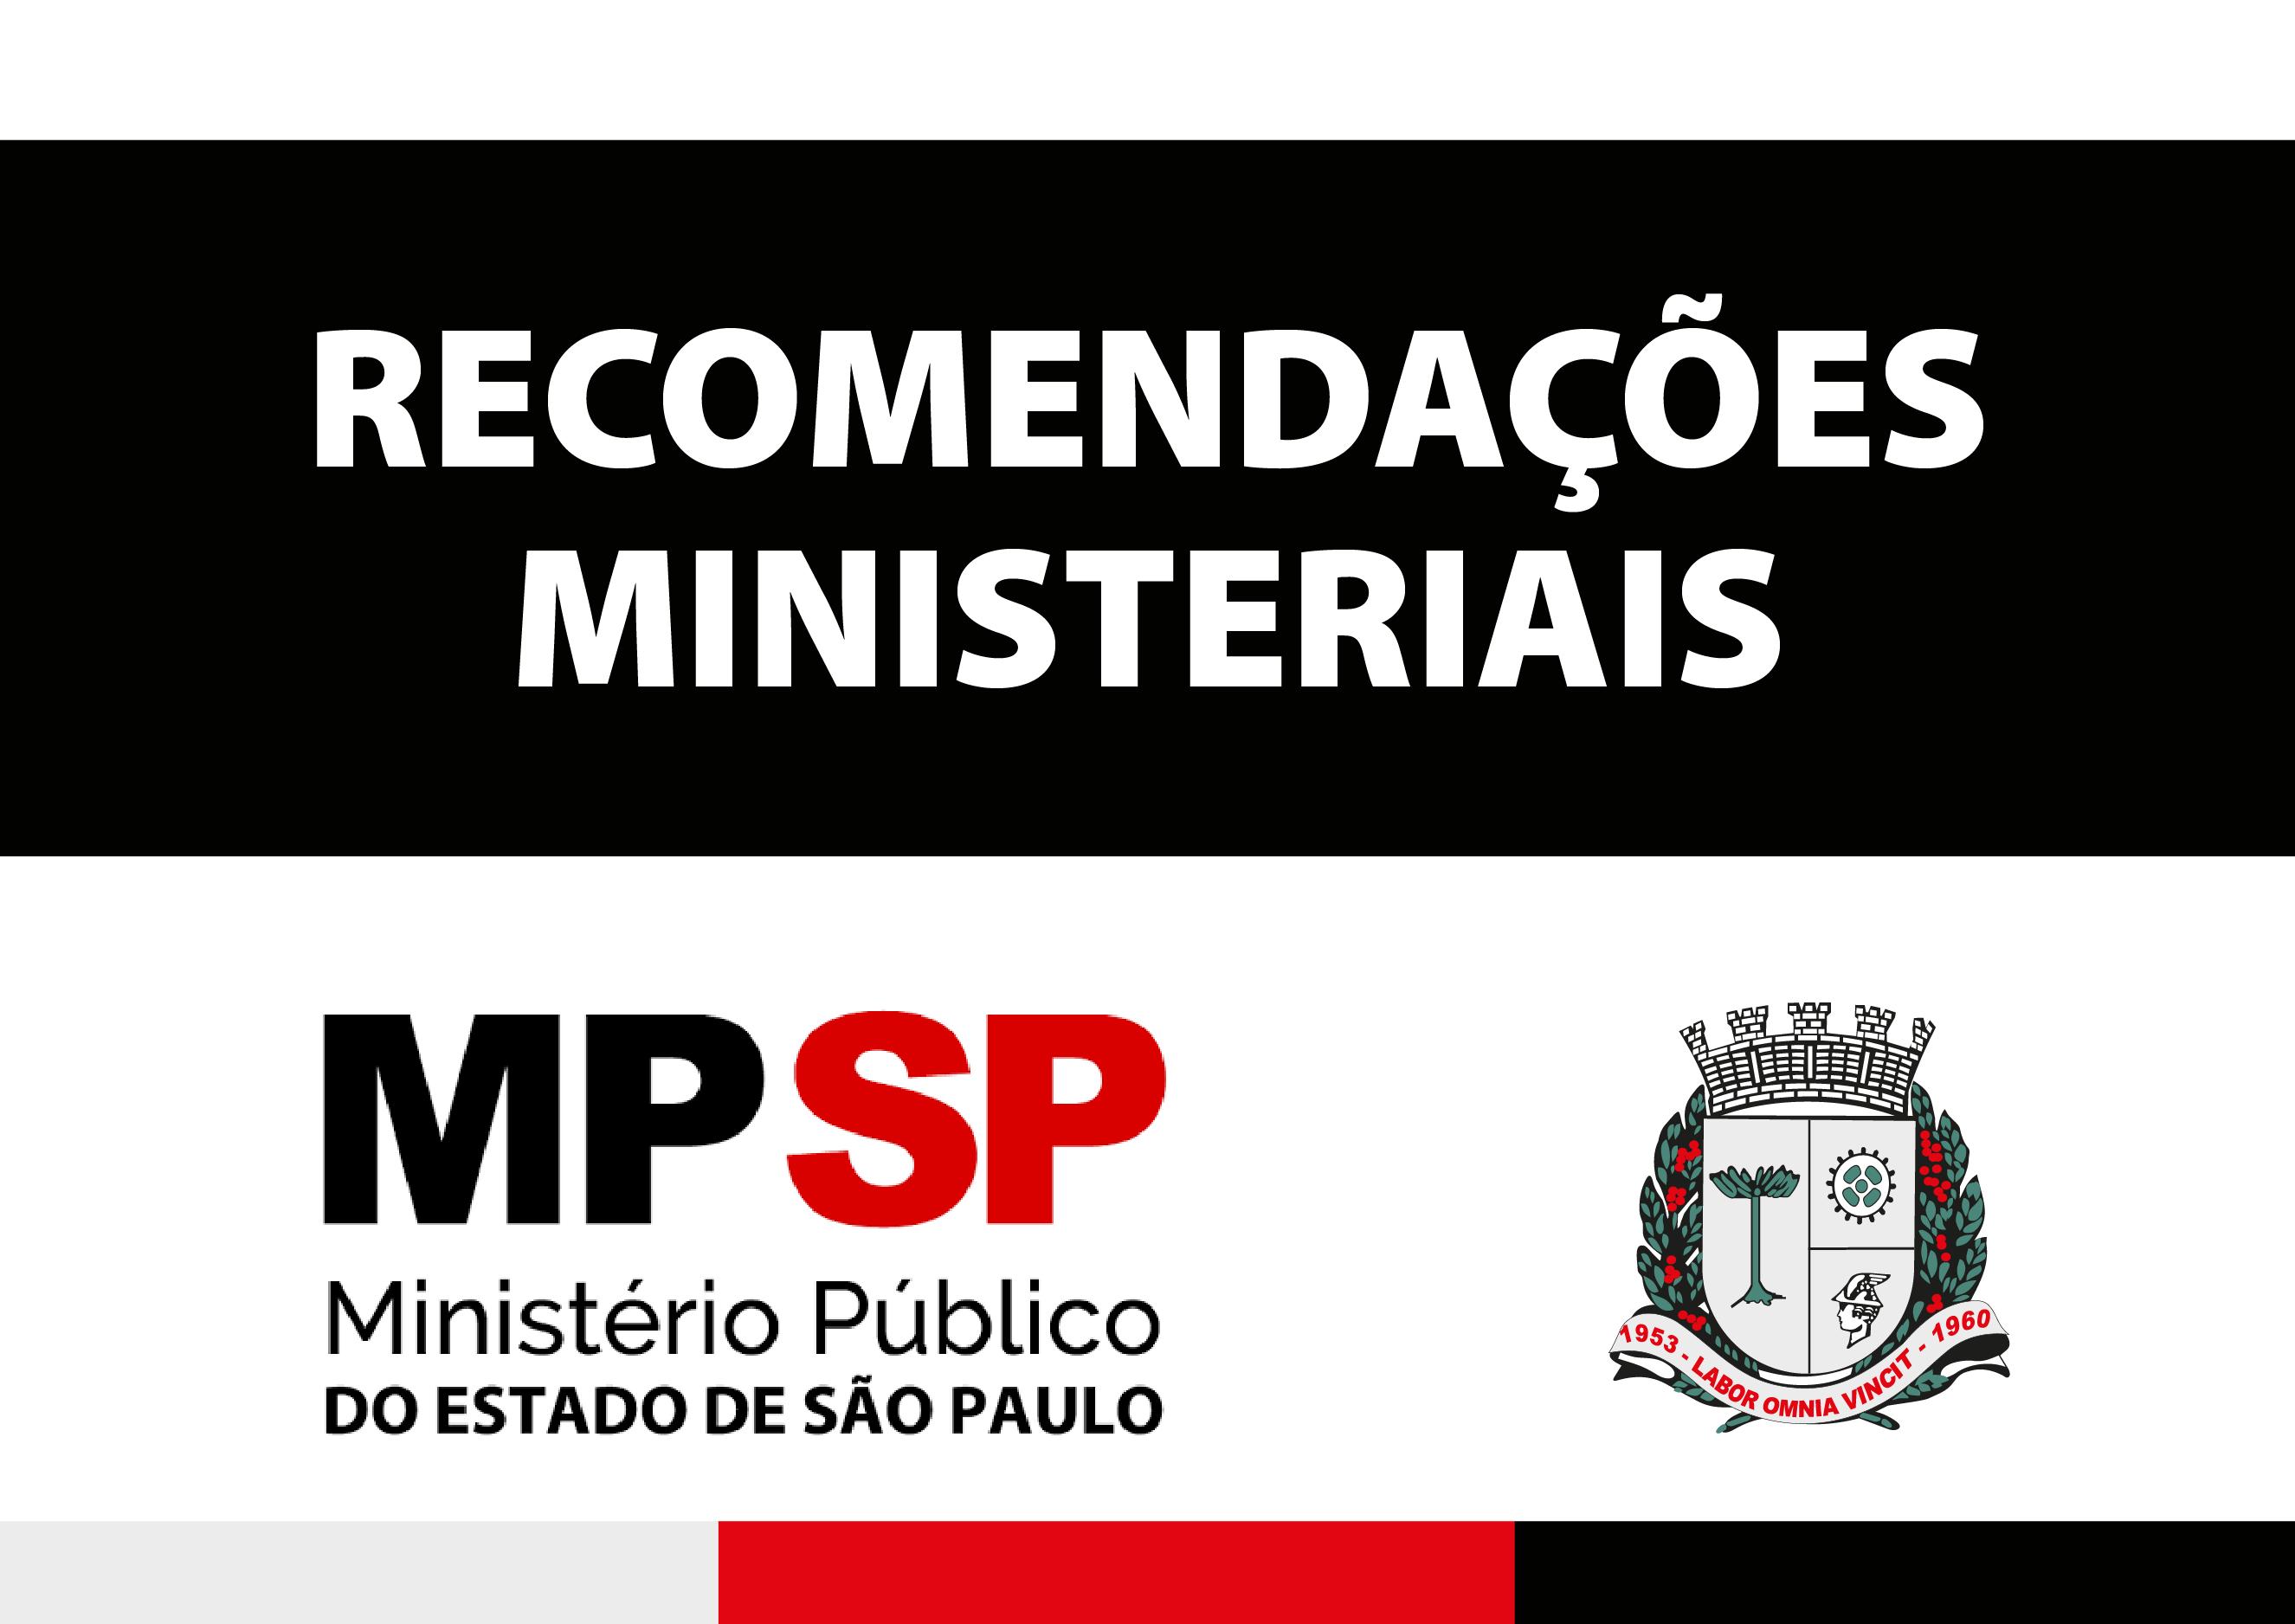 Ministério Público de São Paulo expede recomendações para o combate ao coronavírus